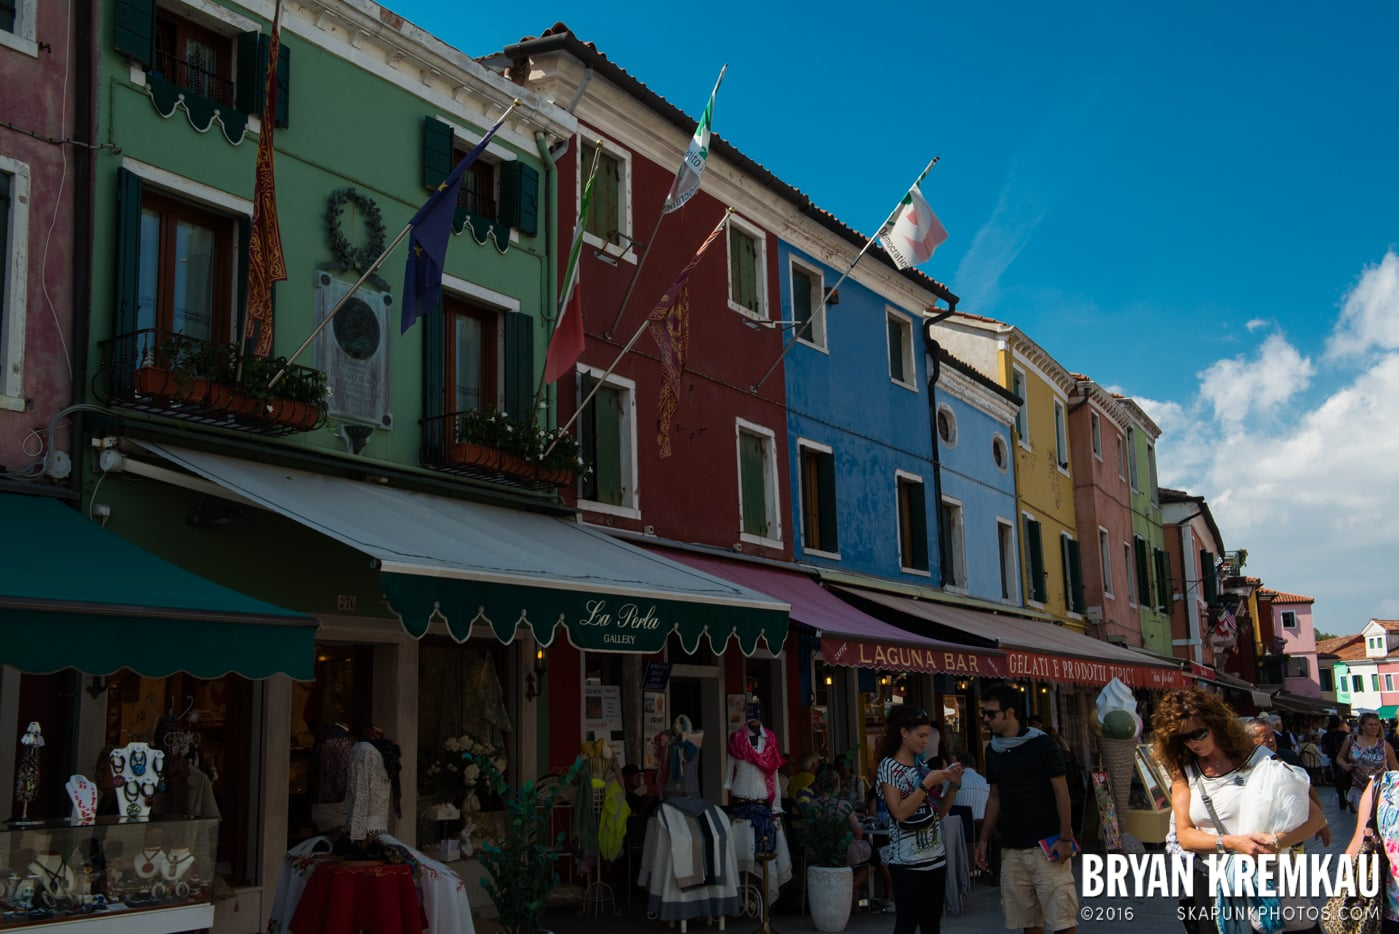 Italy Vacation - Day 6: Murano, Burano, Venice - 9.14.13 (32)